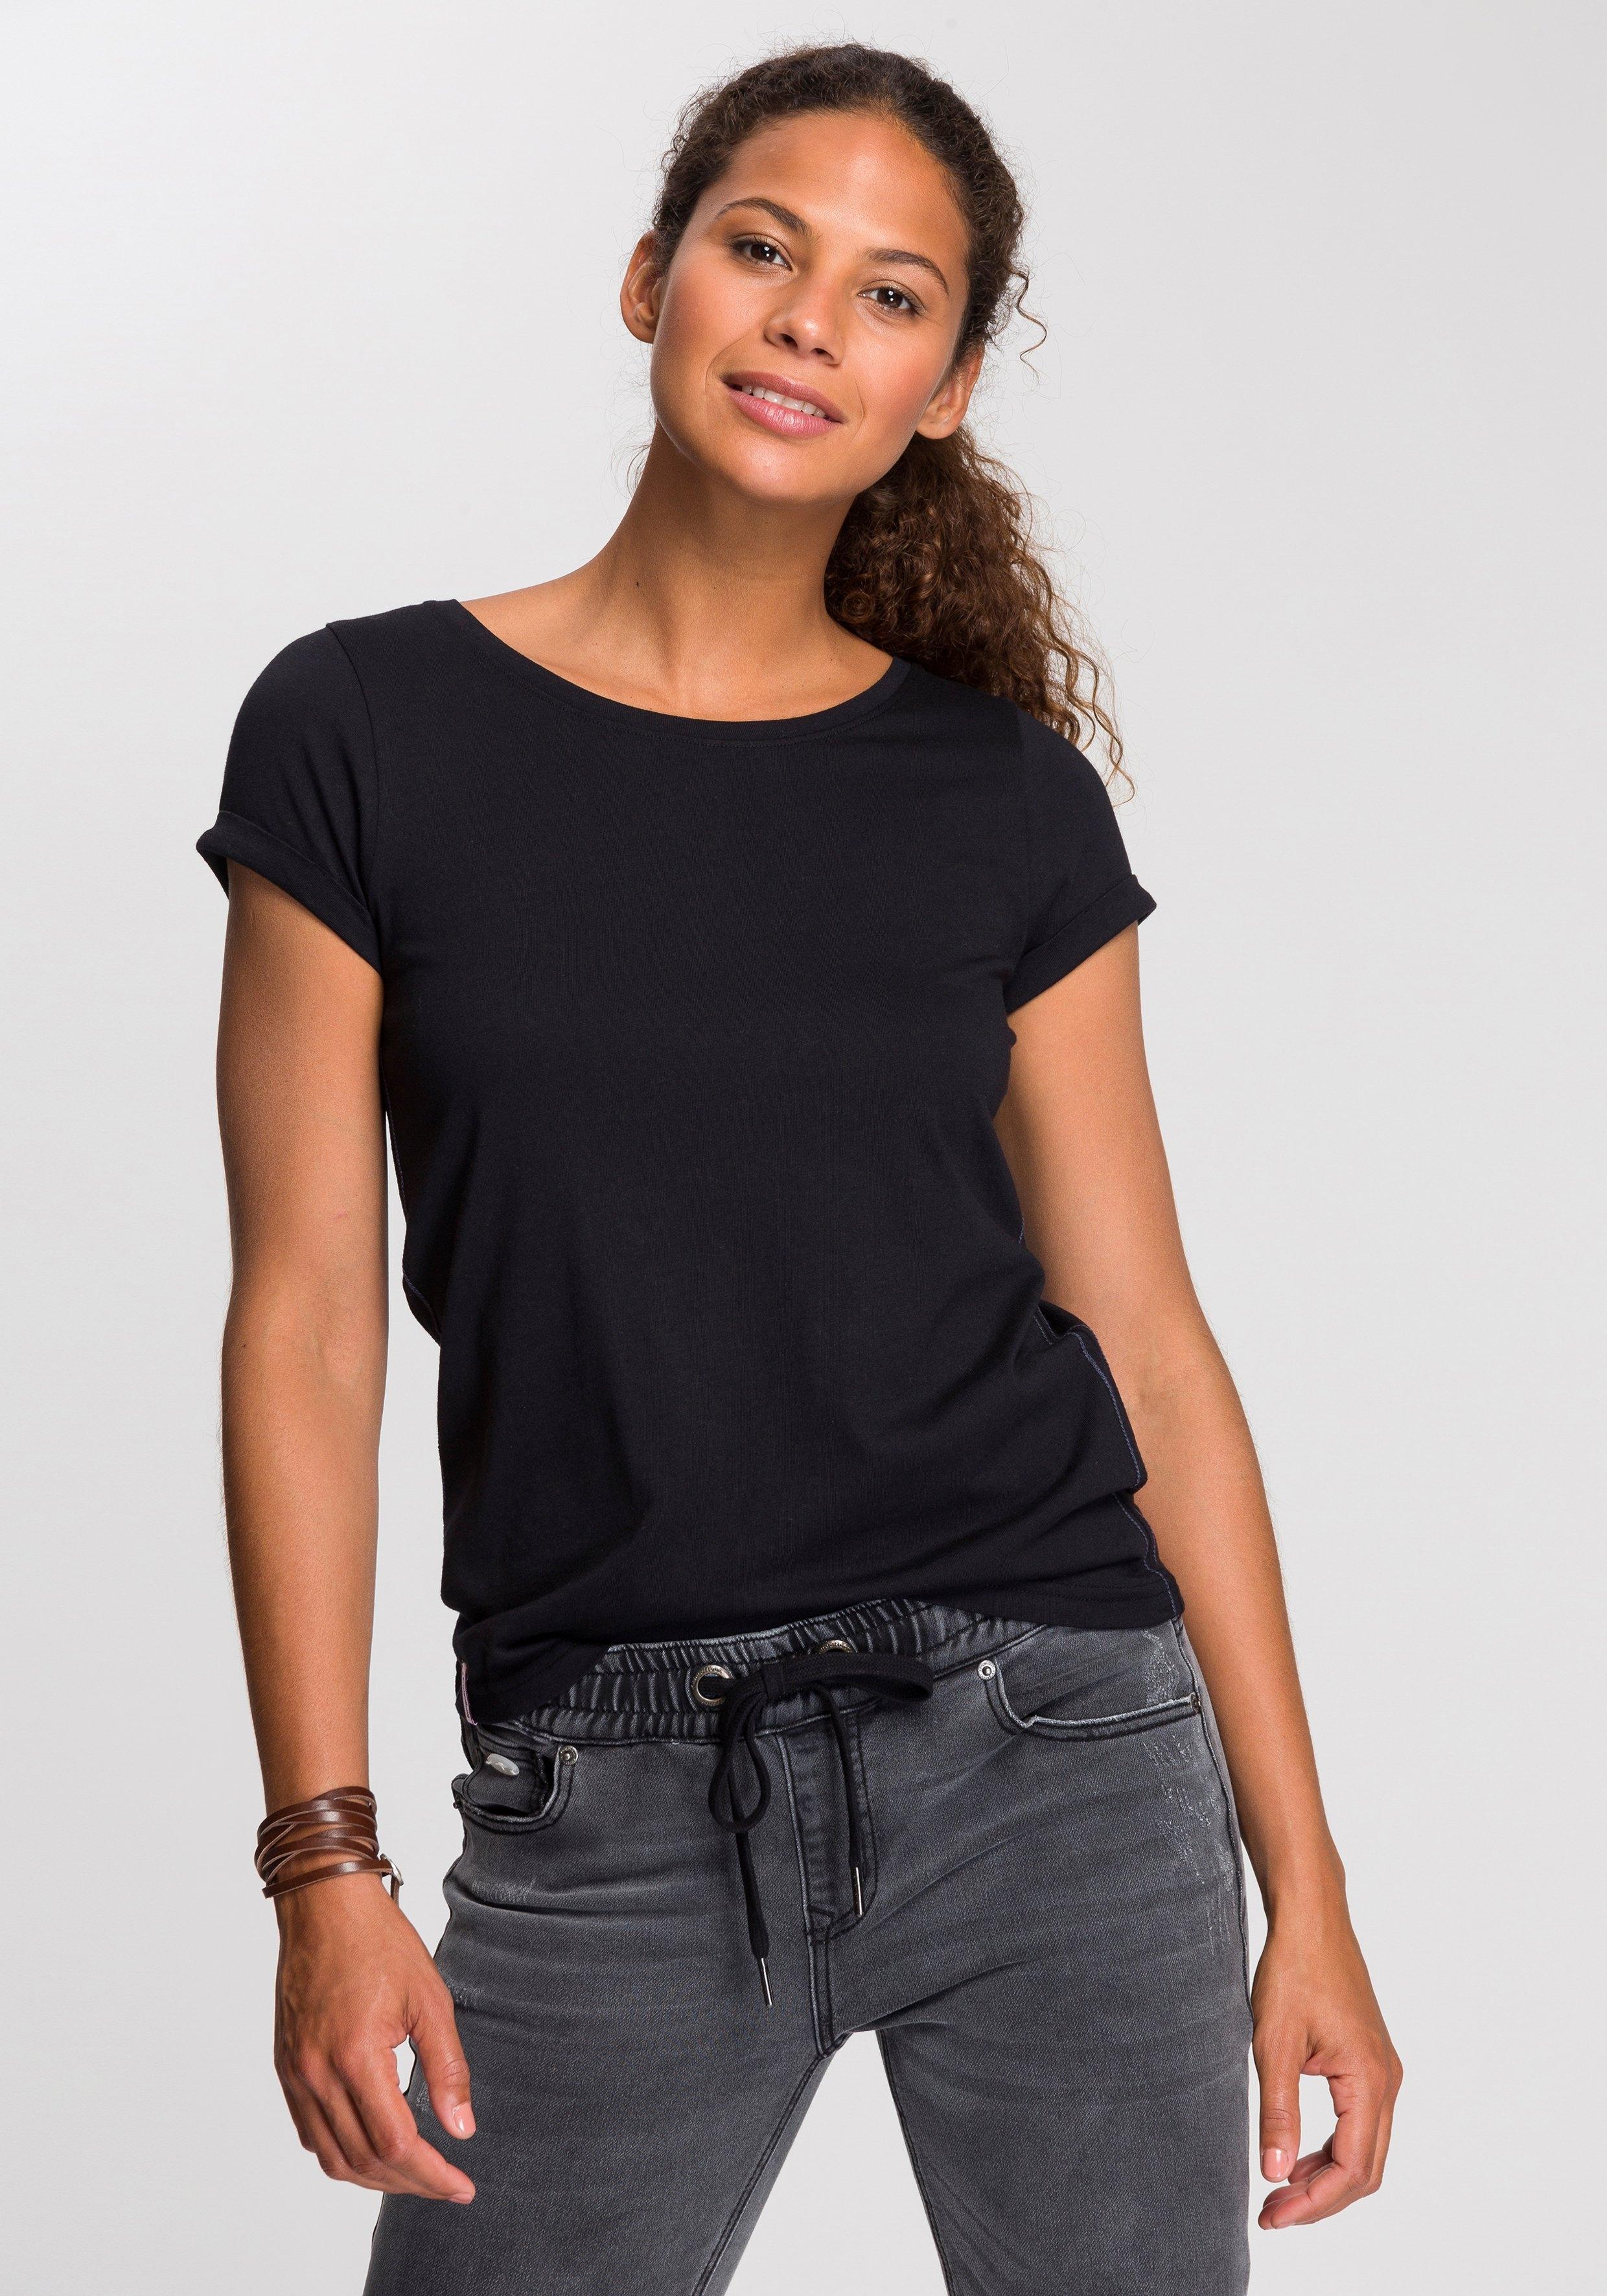 KangaROOS T-shirt met leuke opgerolde mouwen voordelig en veilig online kopen